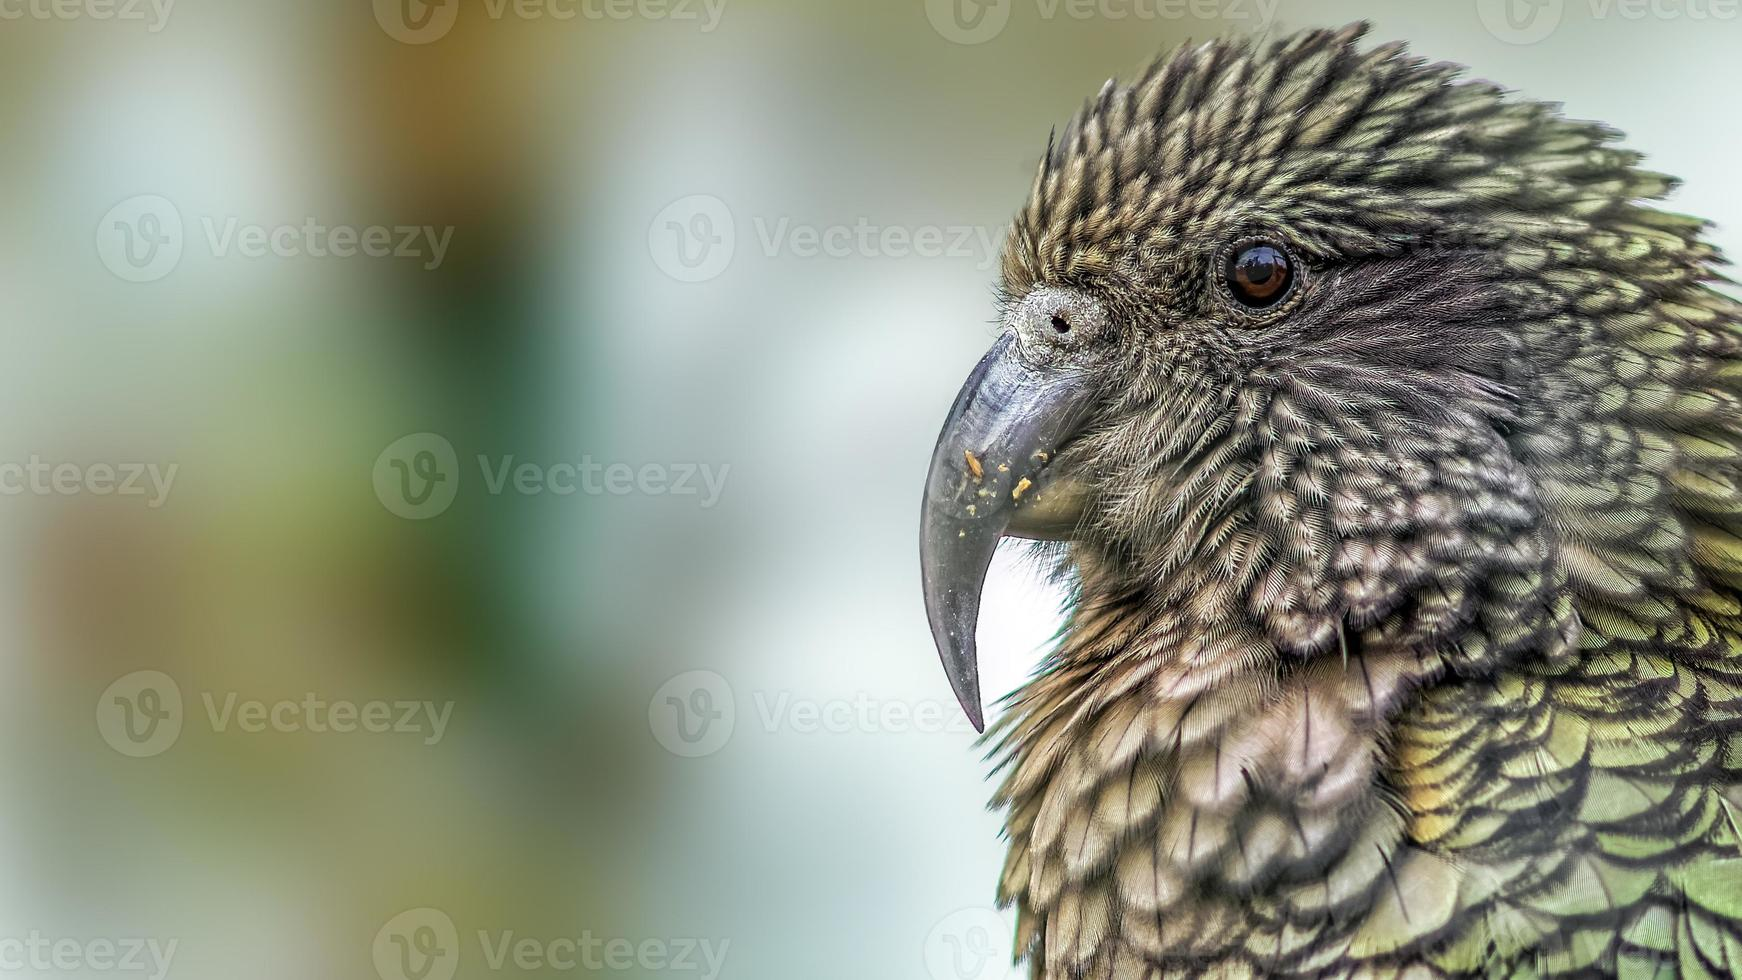 Kea loro (nestor notabilis) retrato (versión recortada). foto